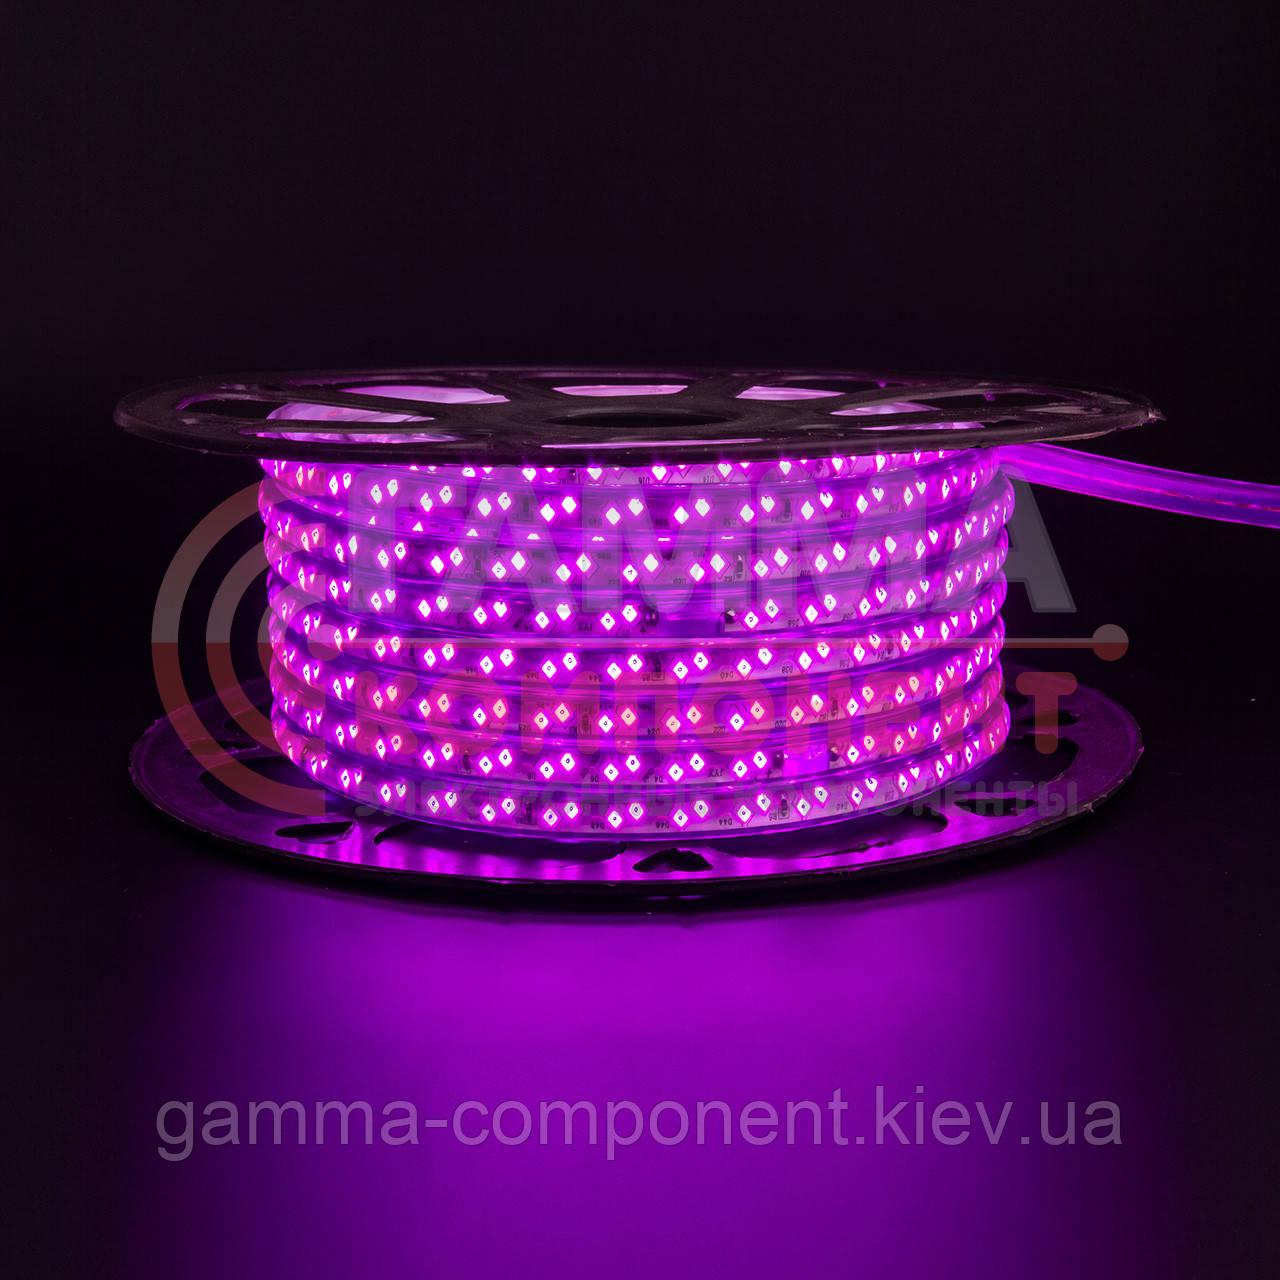 Светодиодная лента 220В розовая smd 2835-120 лед/м 12Вт/м, герметичная